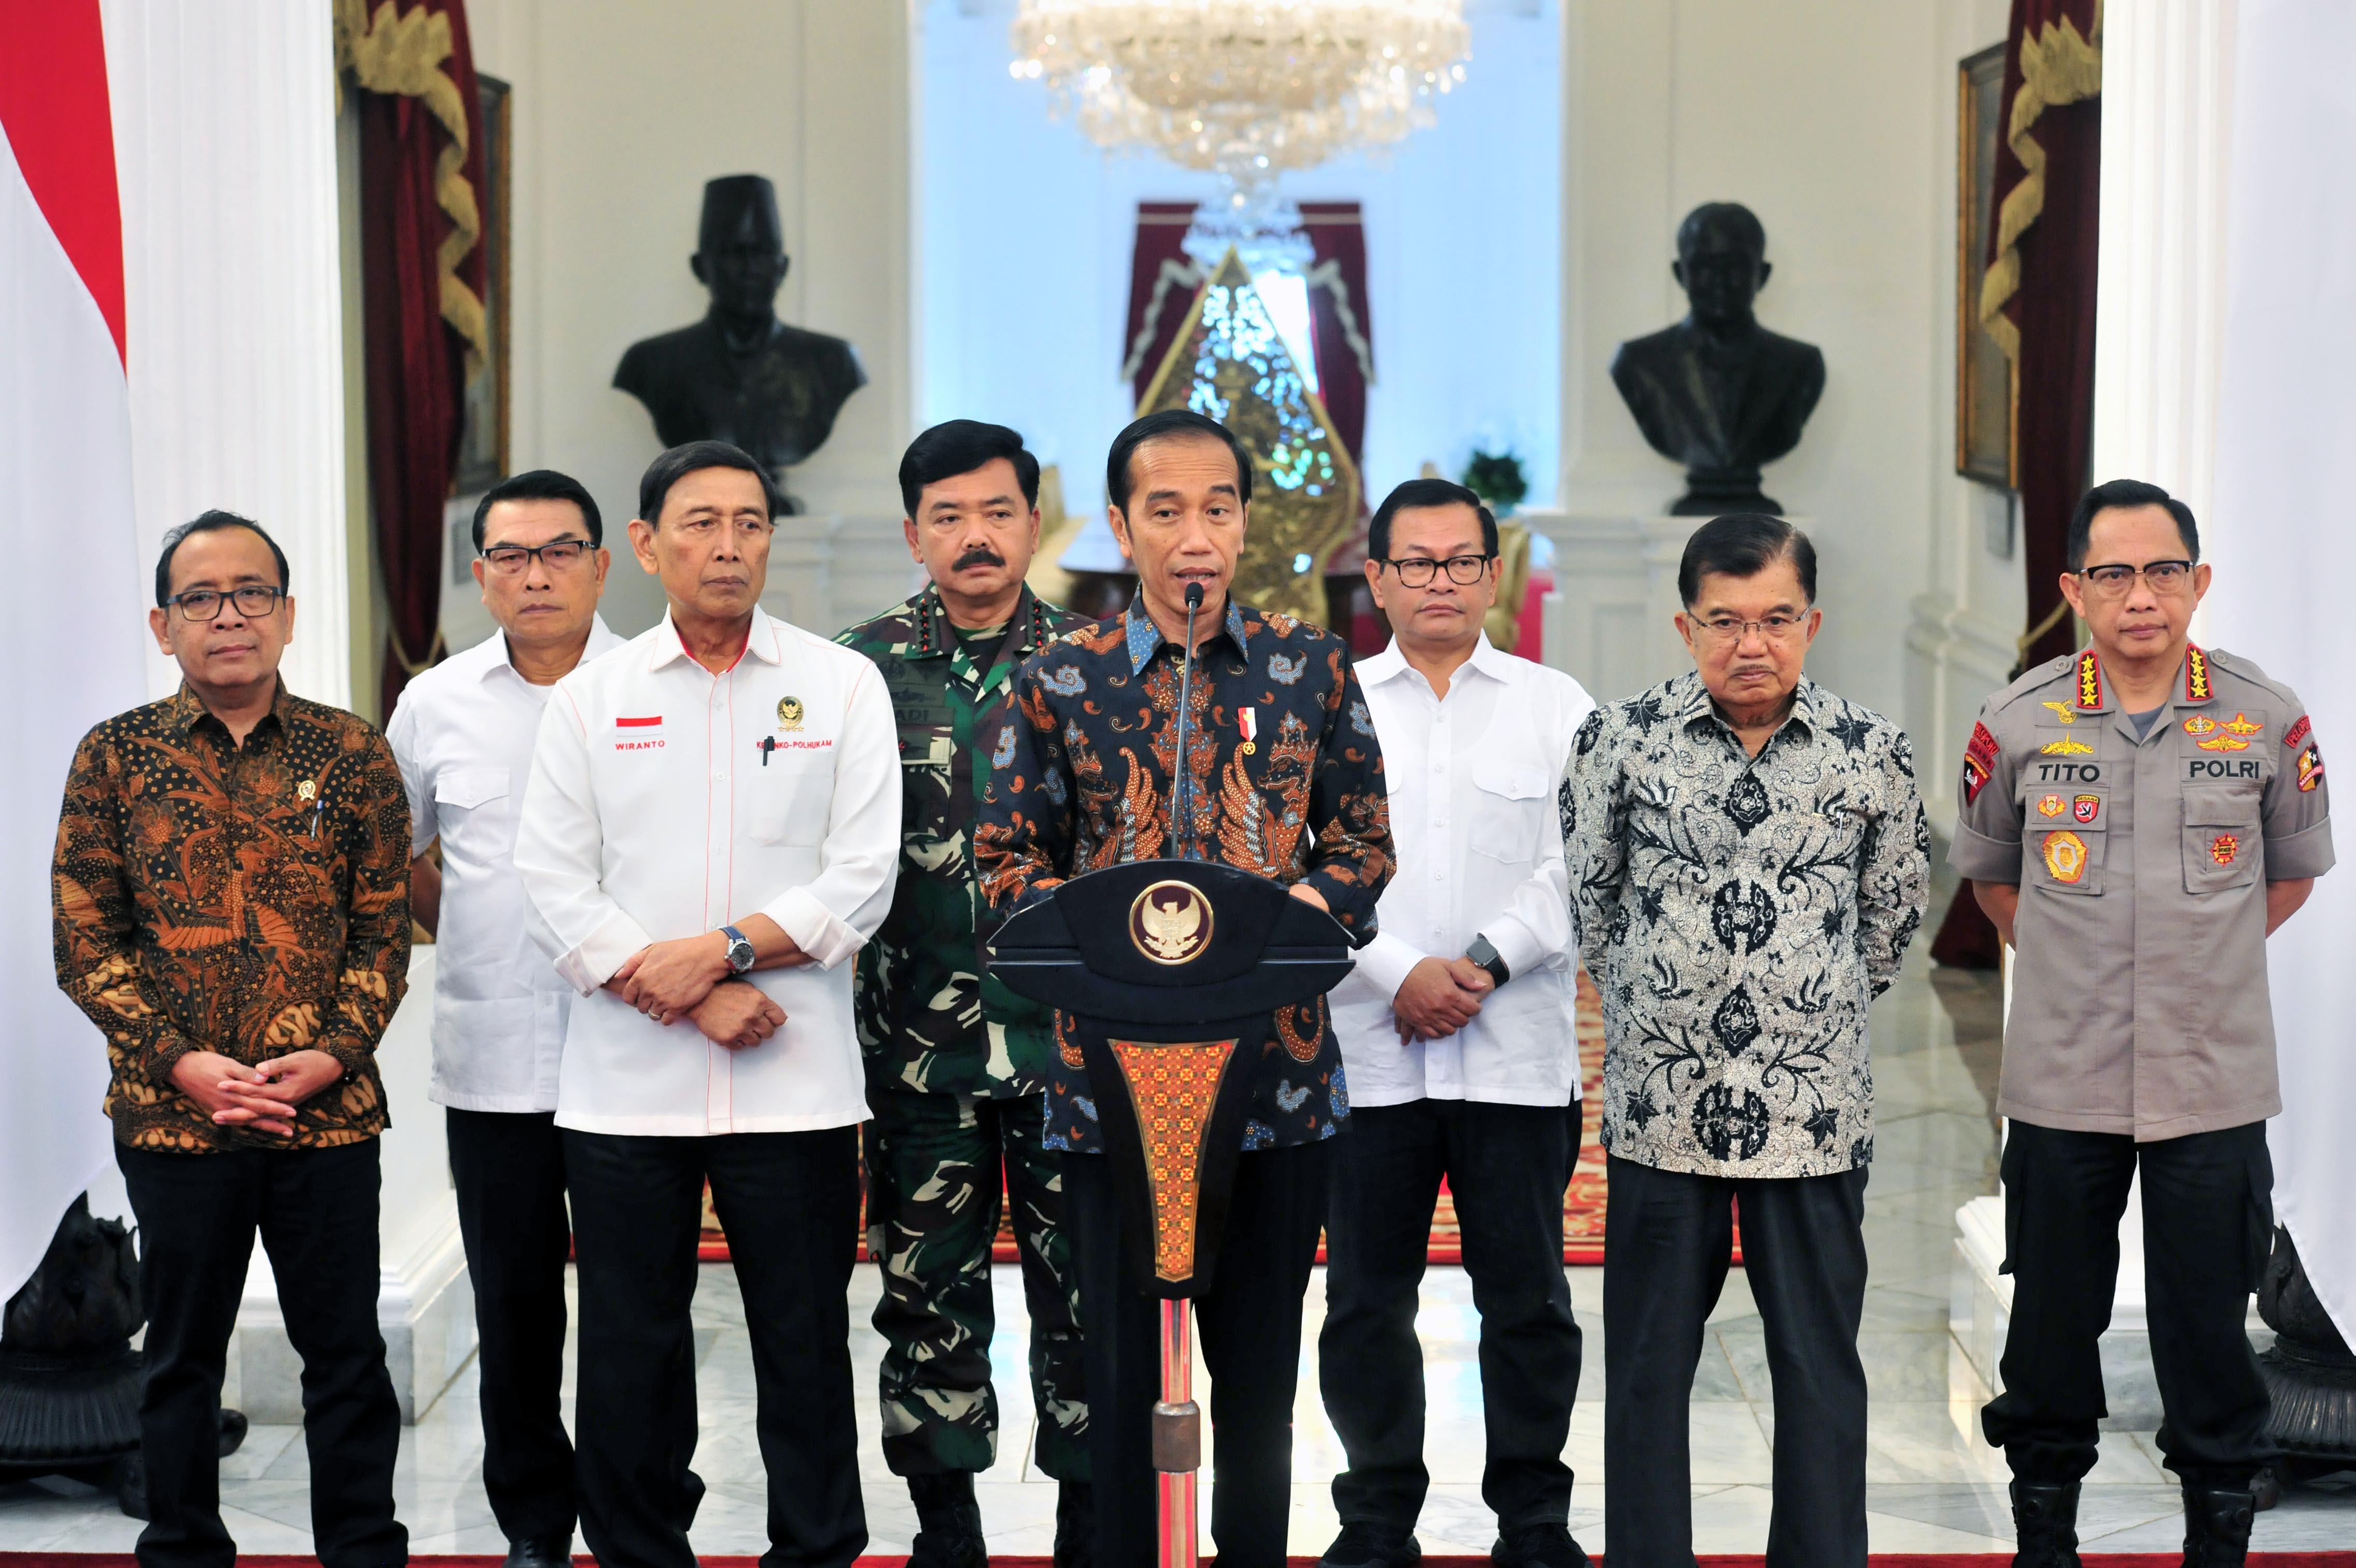 Situasi Terkendali, Presiden Jokowi Tegaskan Tidak Akan Beri Ruang Untuk Perusuh